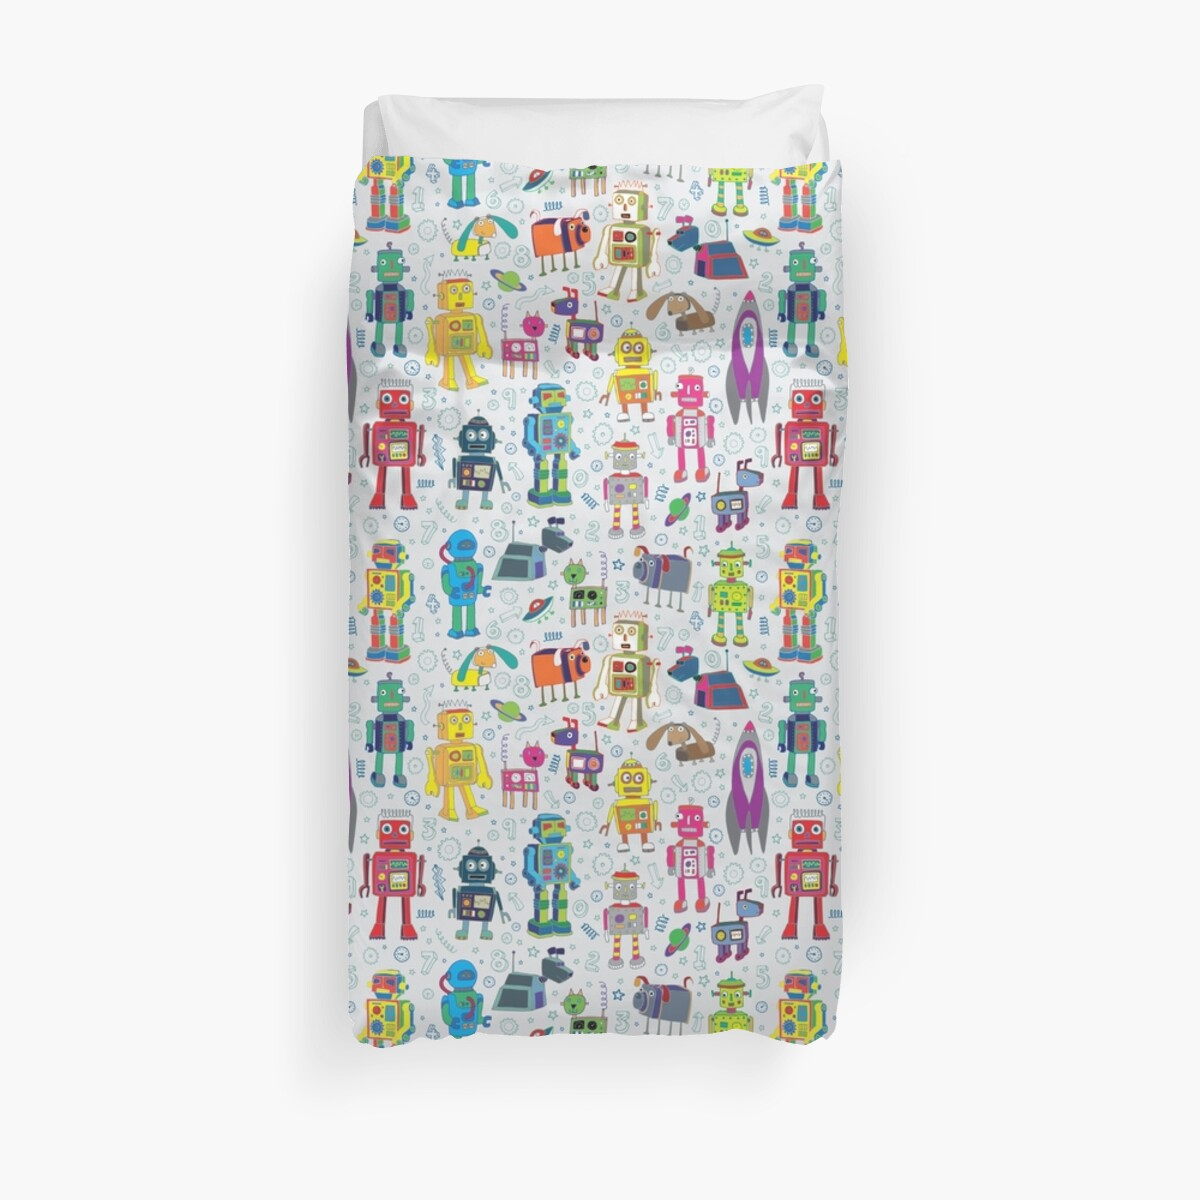 «Robots en el espacio - gris - diversión Robot pattern by Cecca Designs» de Cecca-Designs